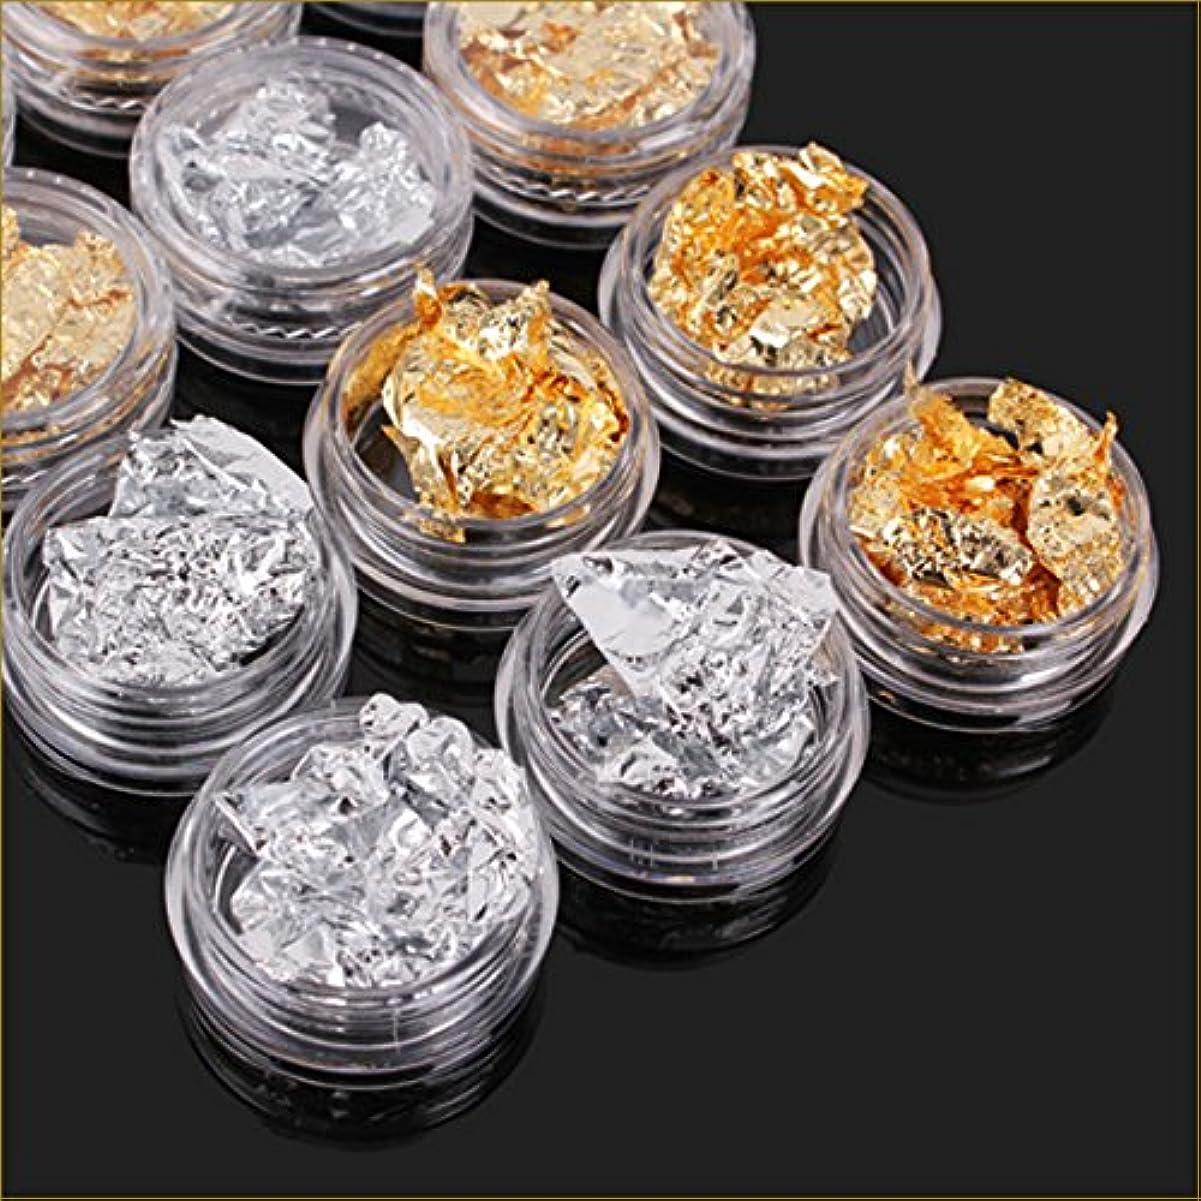 スキニー傾くやむを得ないネイル用品金箔 銀箔 大量 2個入り 2色 ケース付き ネイルパーツ メタルスタッズ ネイルナゲット ホイル ベイント用